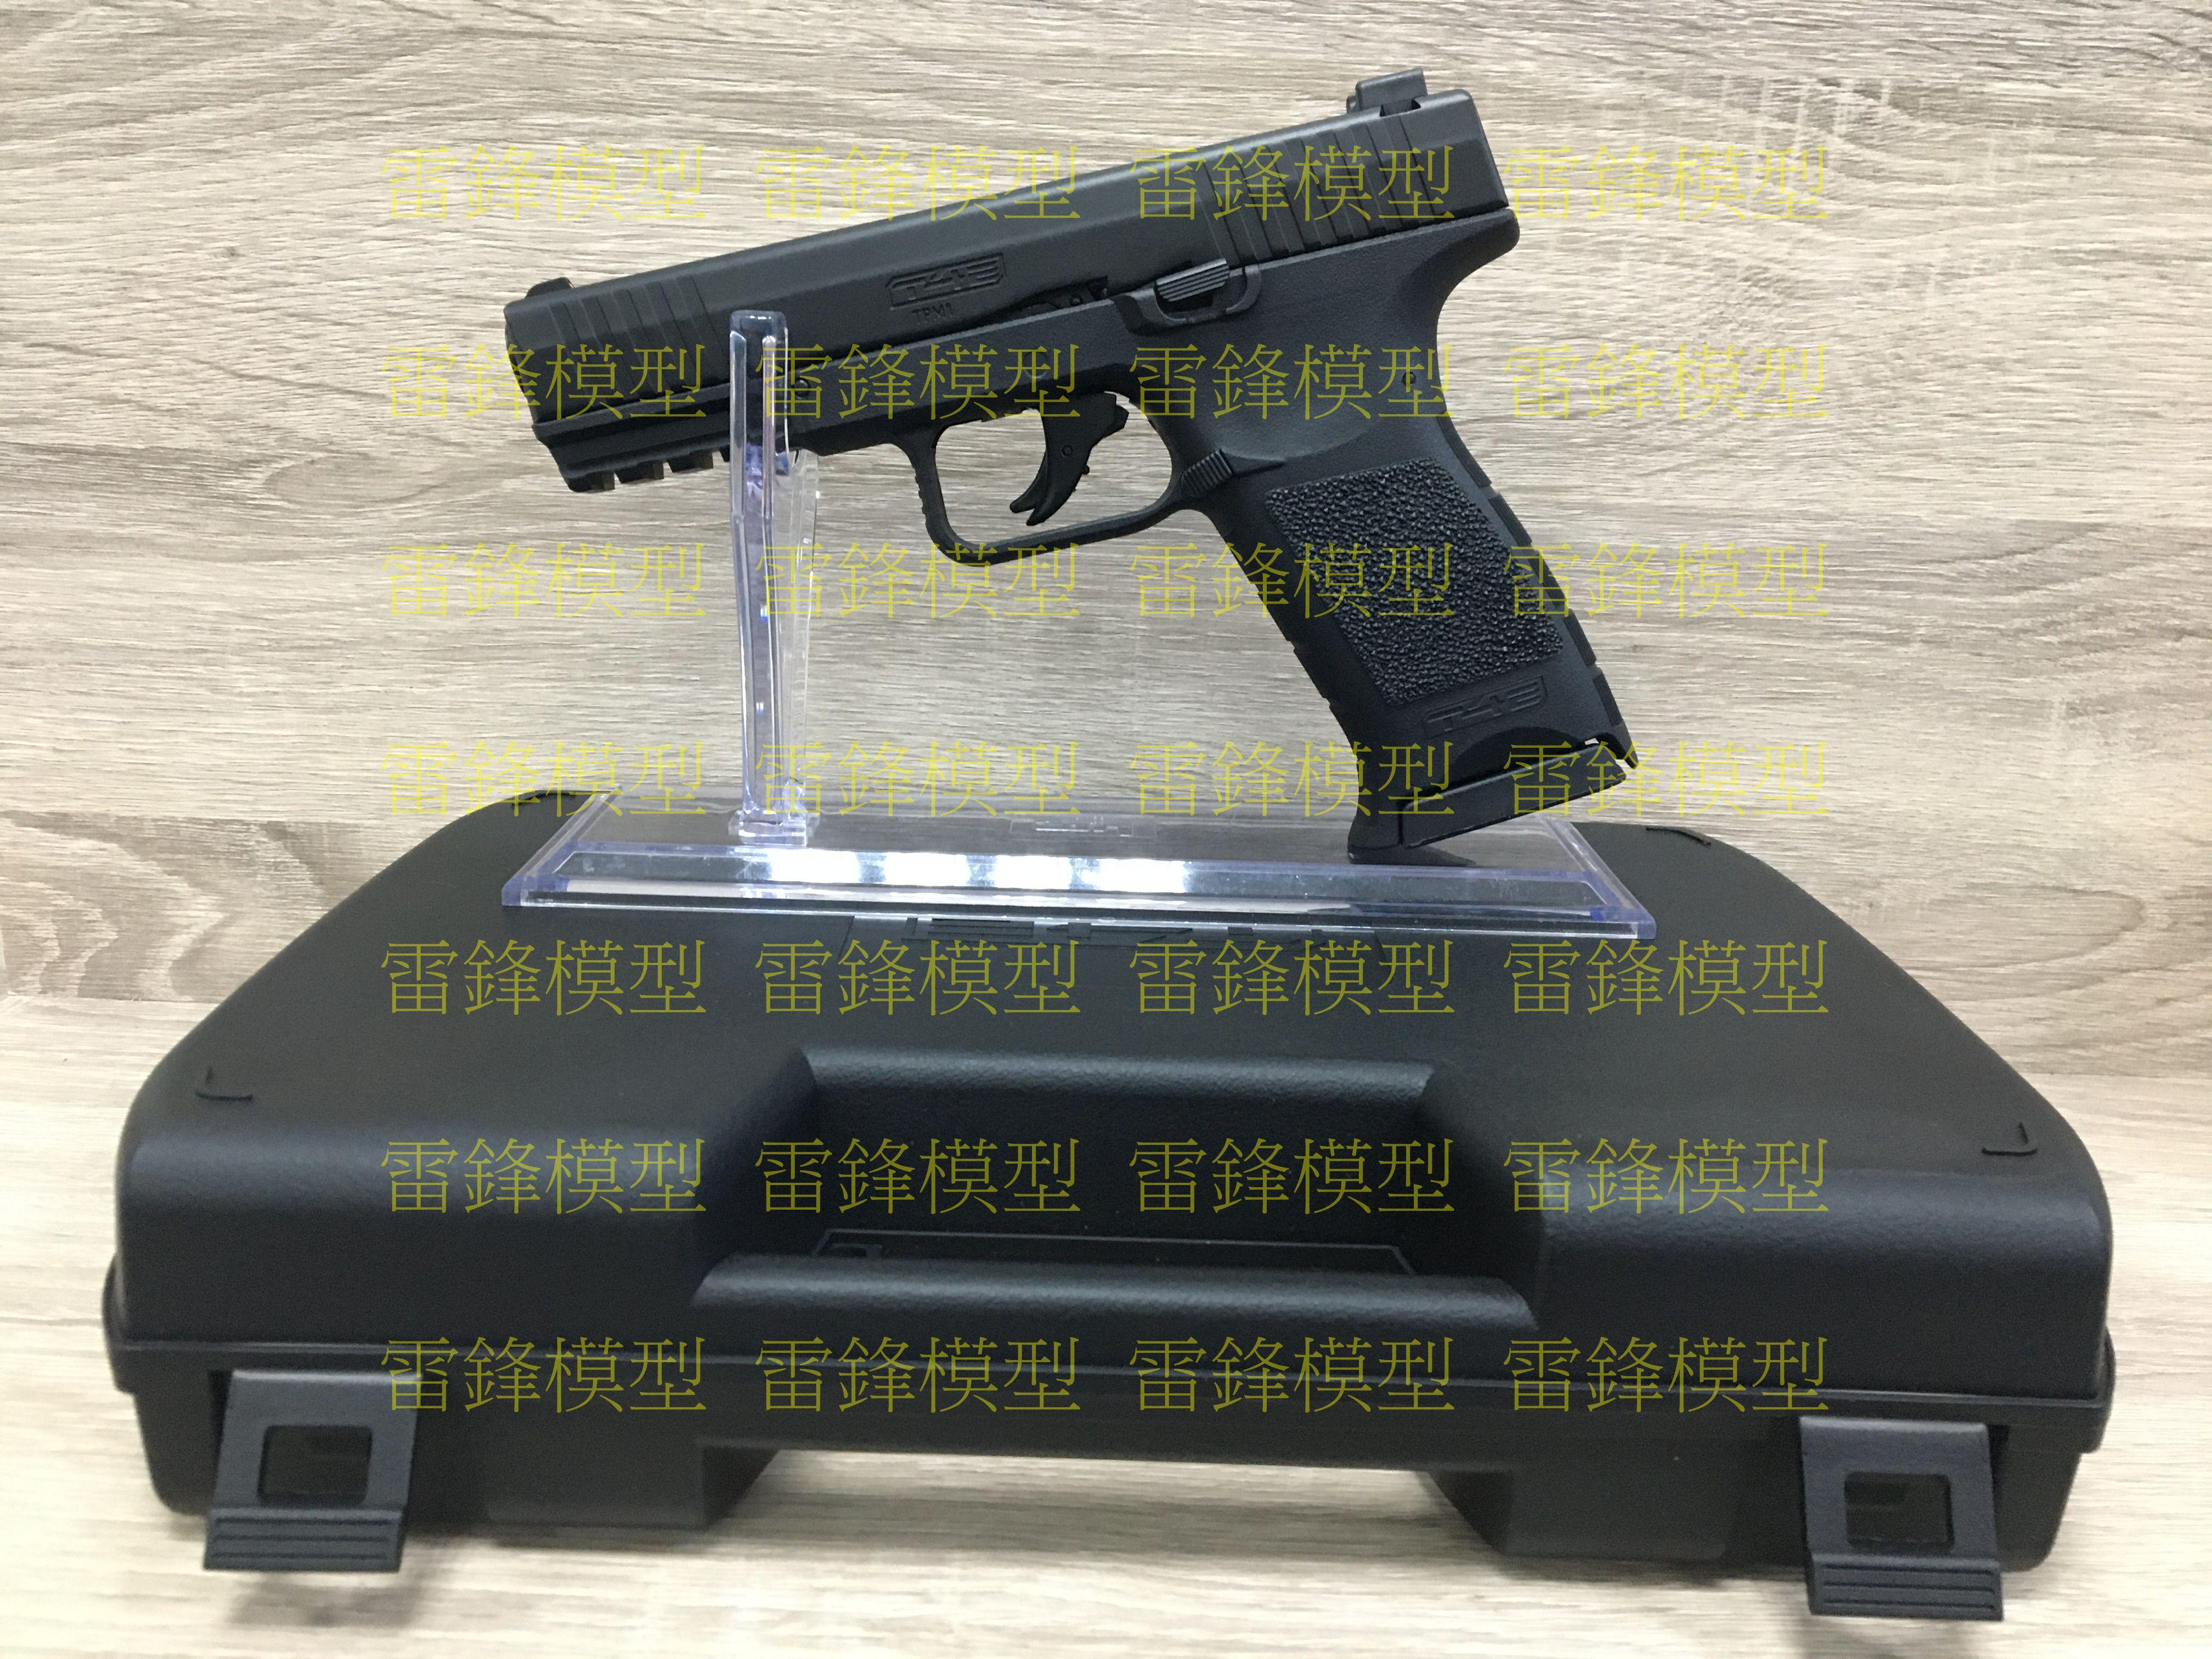 [雷鋒玩具模型]-UMAREX 克拉克 G17 防身 鎮暴槍 附槍盒 Glock 訓練槍 CO2鎮暴手槍 11mm